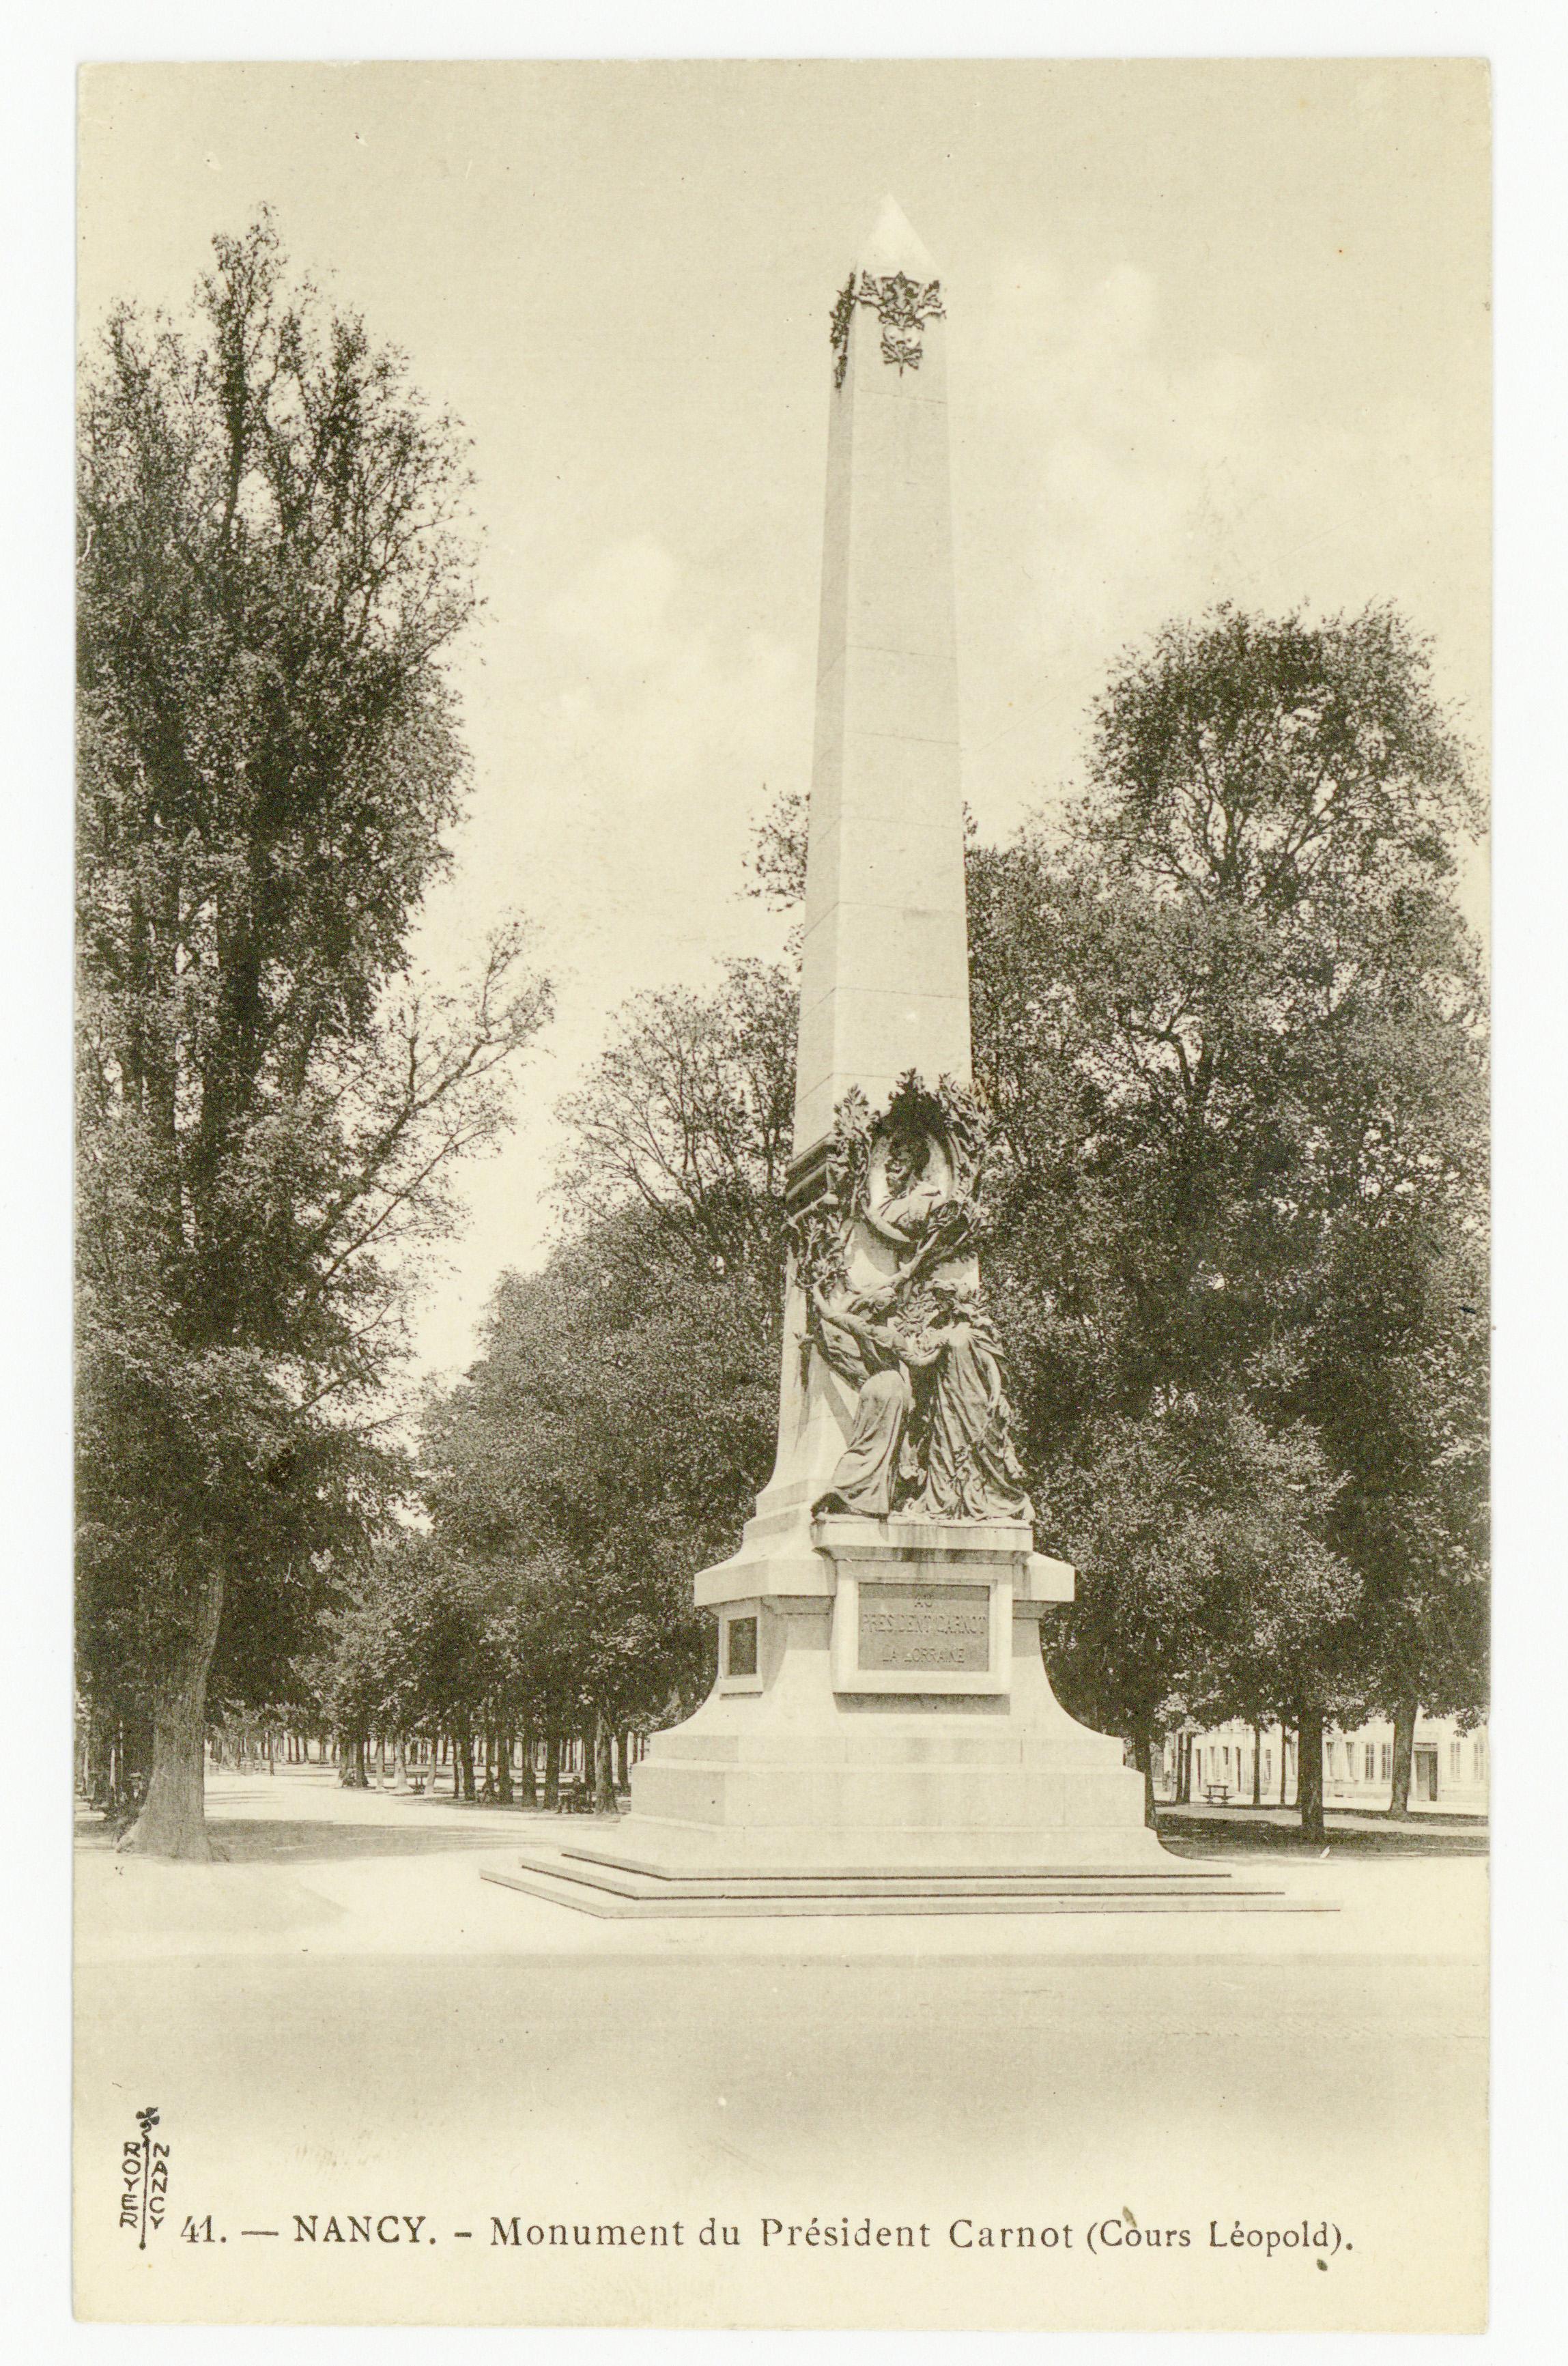 Contenu du Nancy : monument du Président Carnot (Cours Léopold)